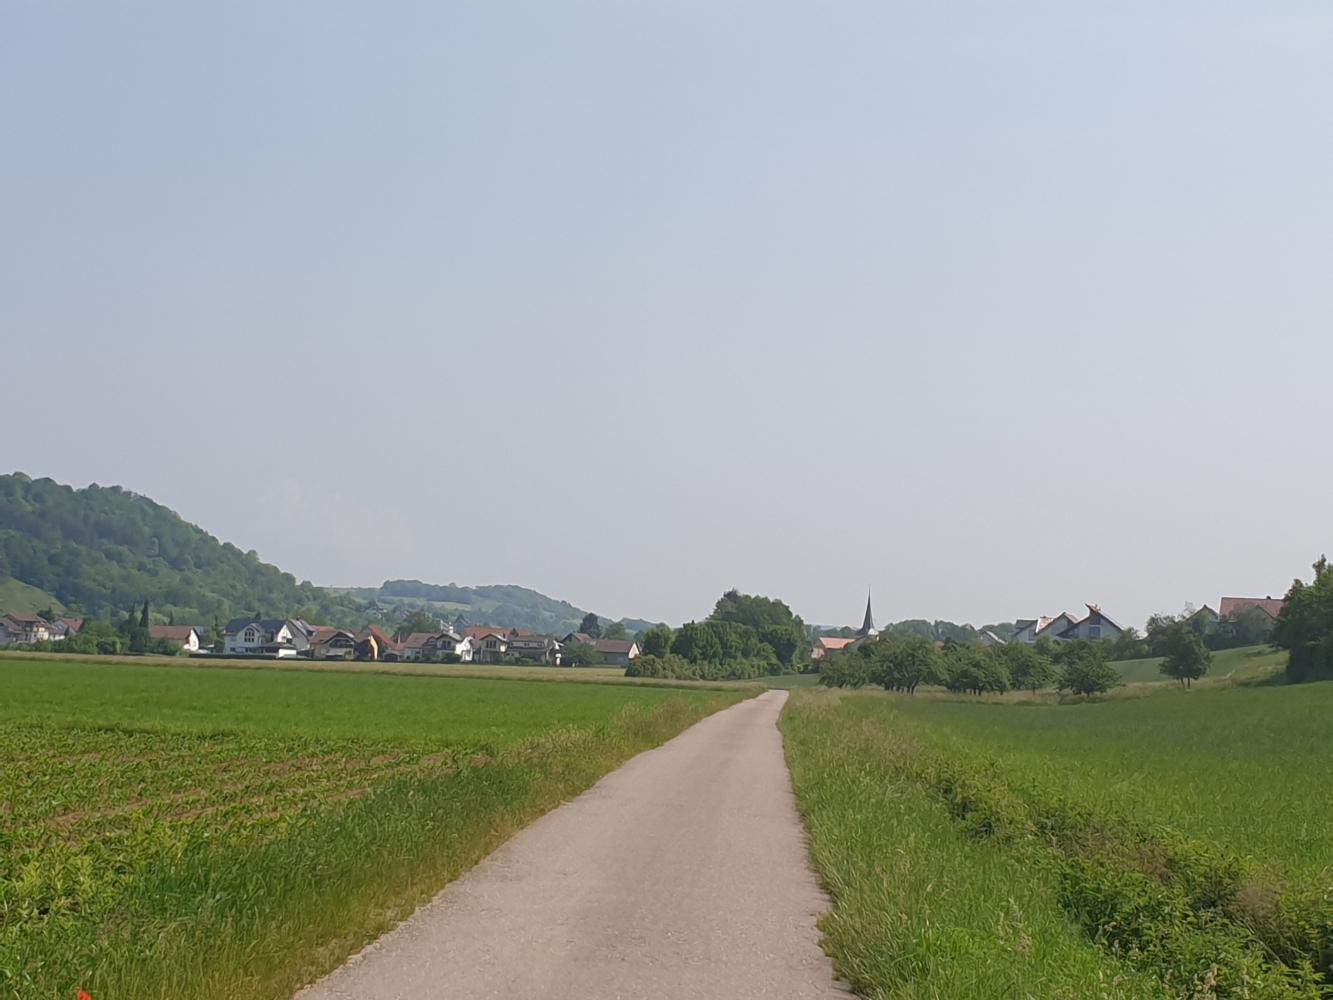 По дорожкам и бульварам крутим, крутим мы педали… или нашe первое велопутешествие вдоль Ягста, Таубера и Кохера